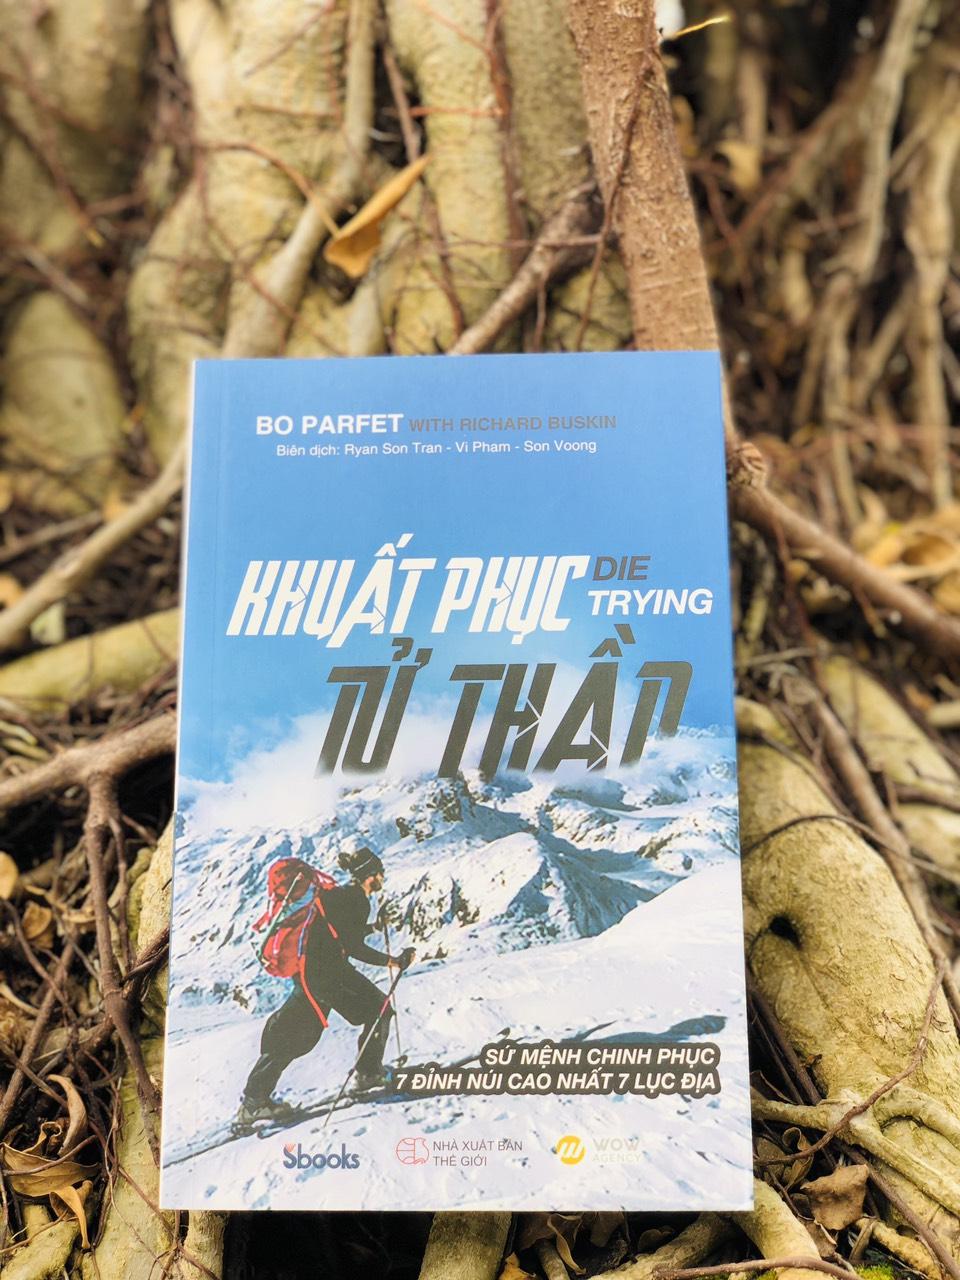 Một cuốn sách phiêu lưu mạo hiểm dành cho người thích xê dịch